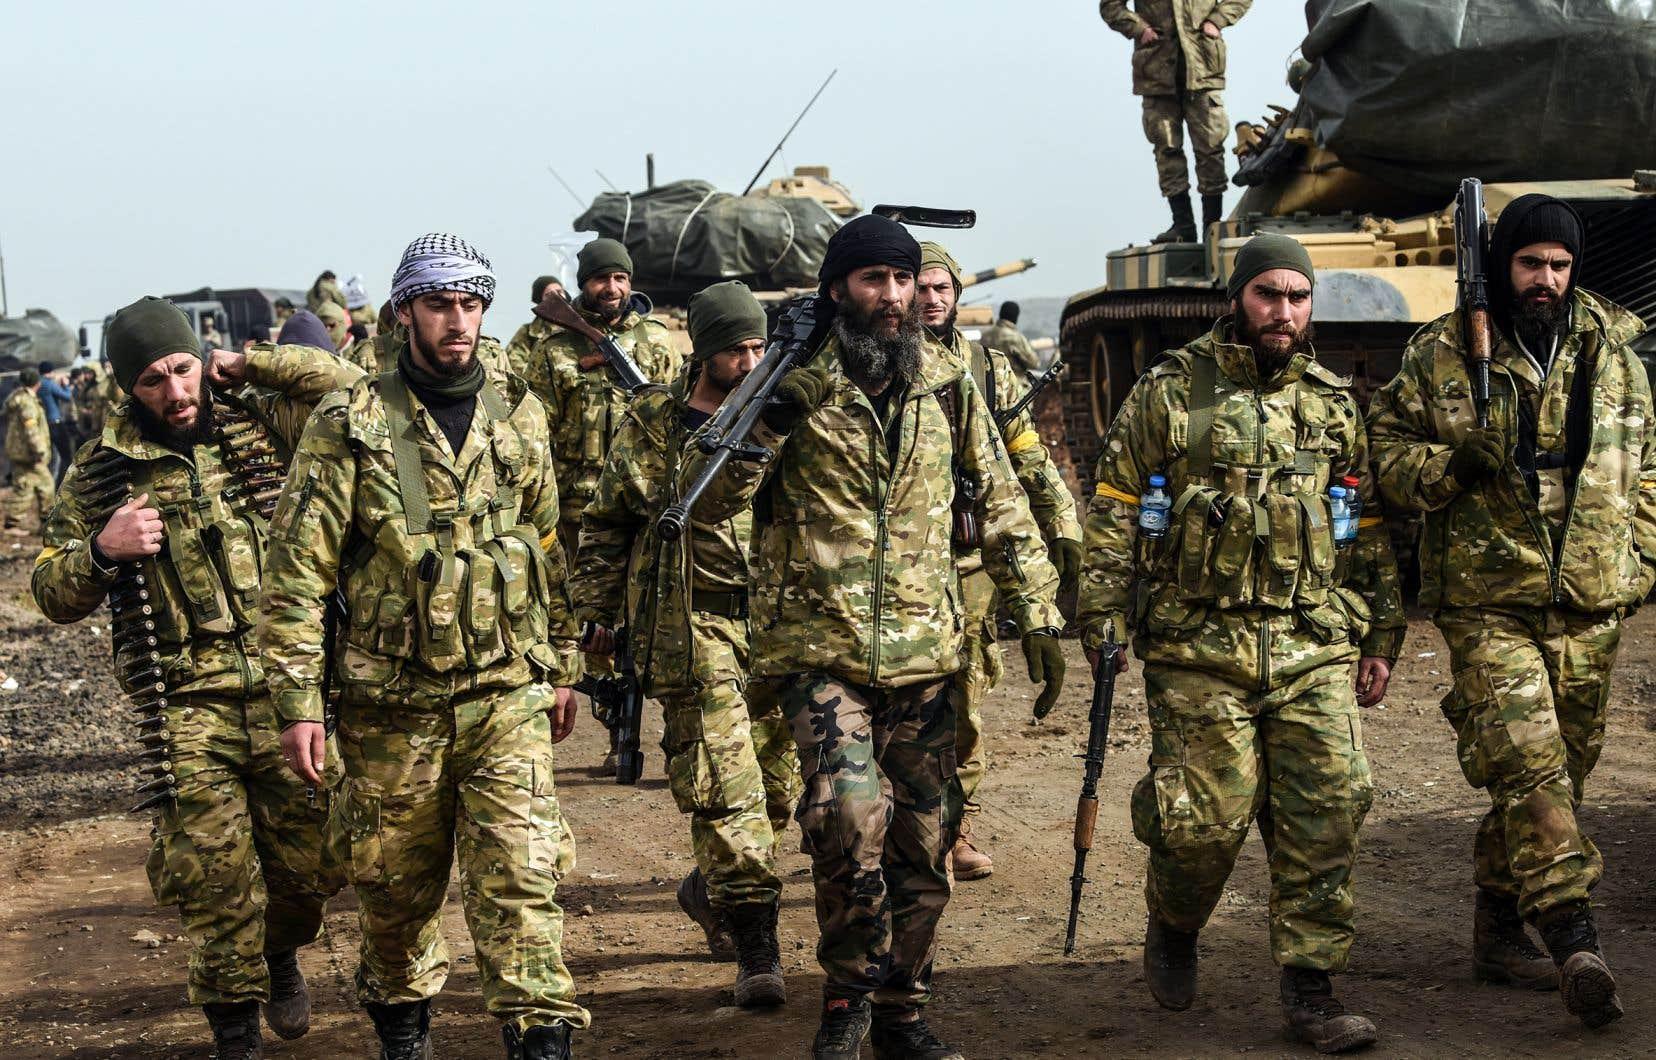 La Turquie et ses alliés, les rebelles de l'Armée syrienne libre, ont lancé samedi une offensive militaire dans la région d'Afrine contre les Kurdes syriens du YPG.